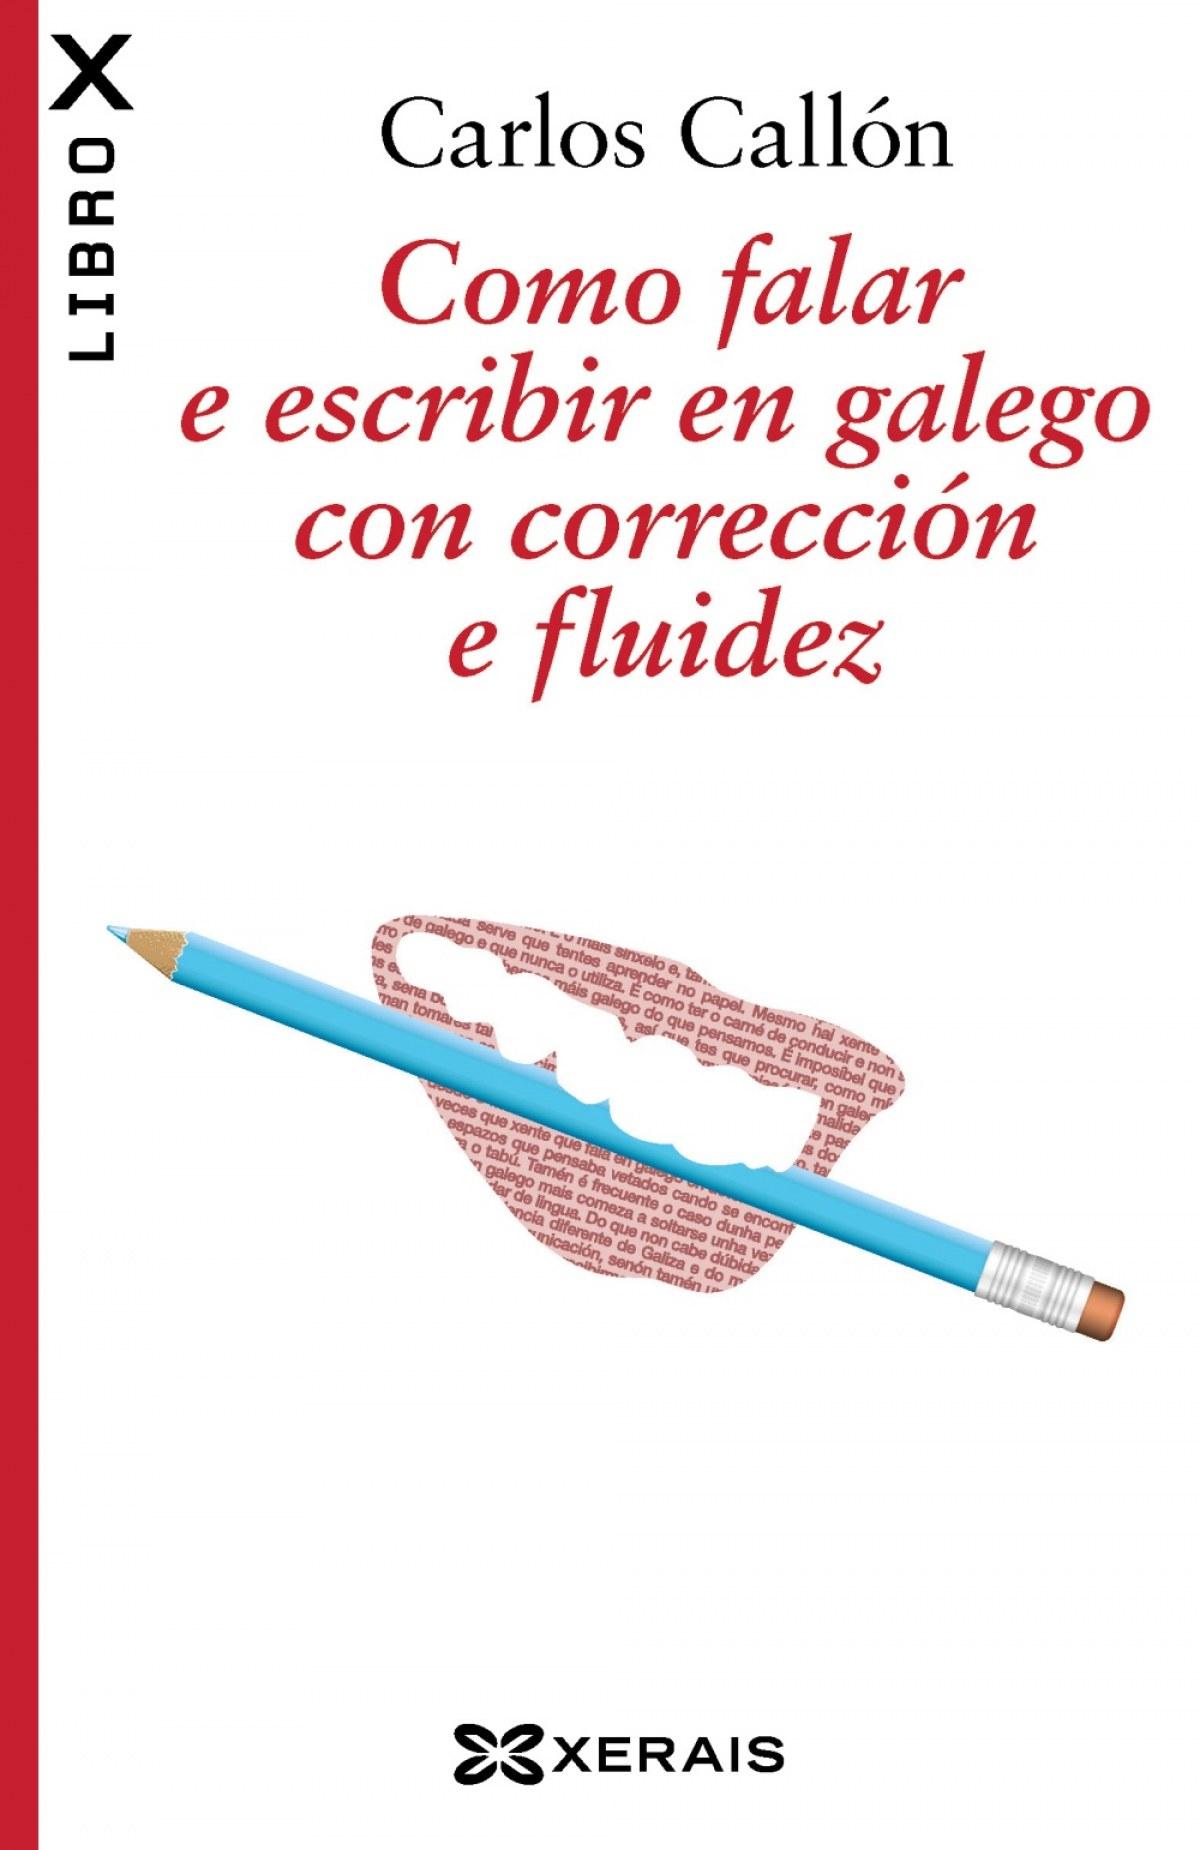 COMO FALAR E ESCRIBIR EN GALEGO CON CORRECCION E FLUIDEZ 9788499144474